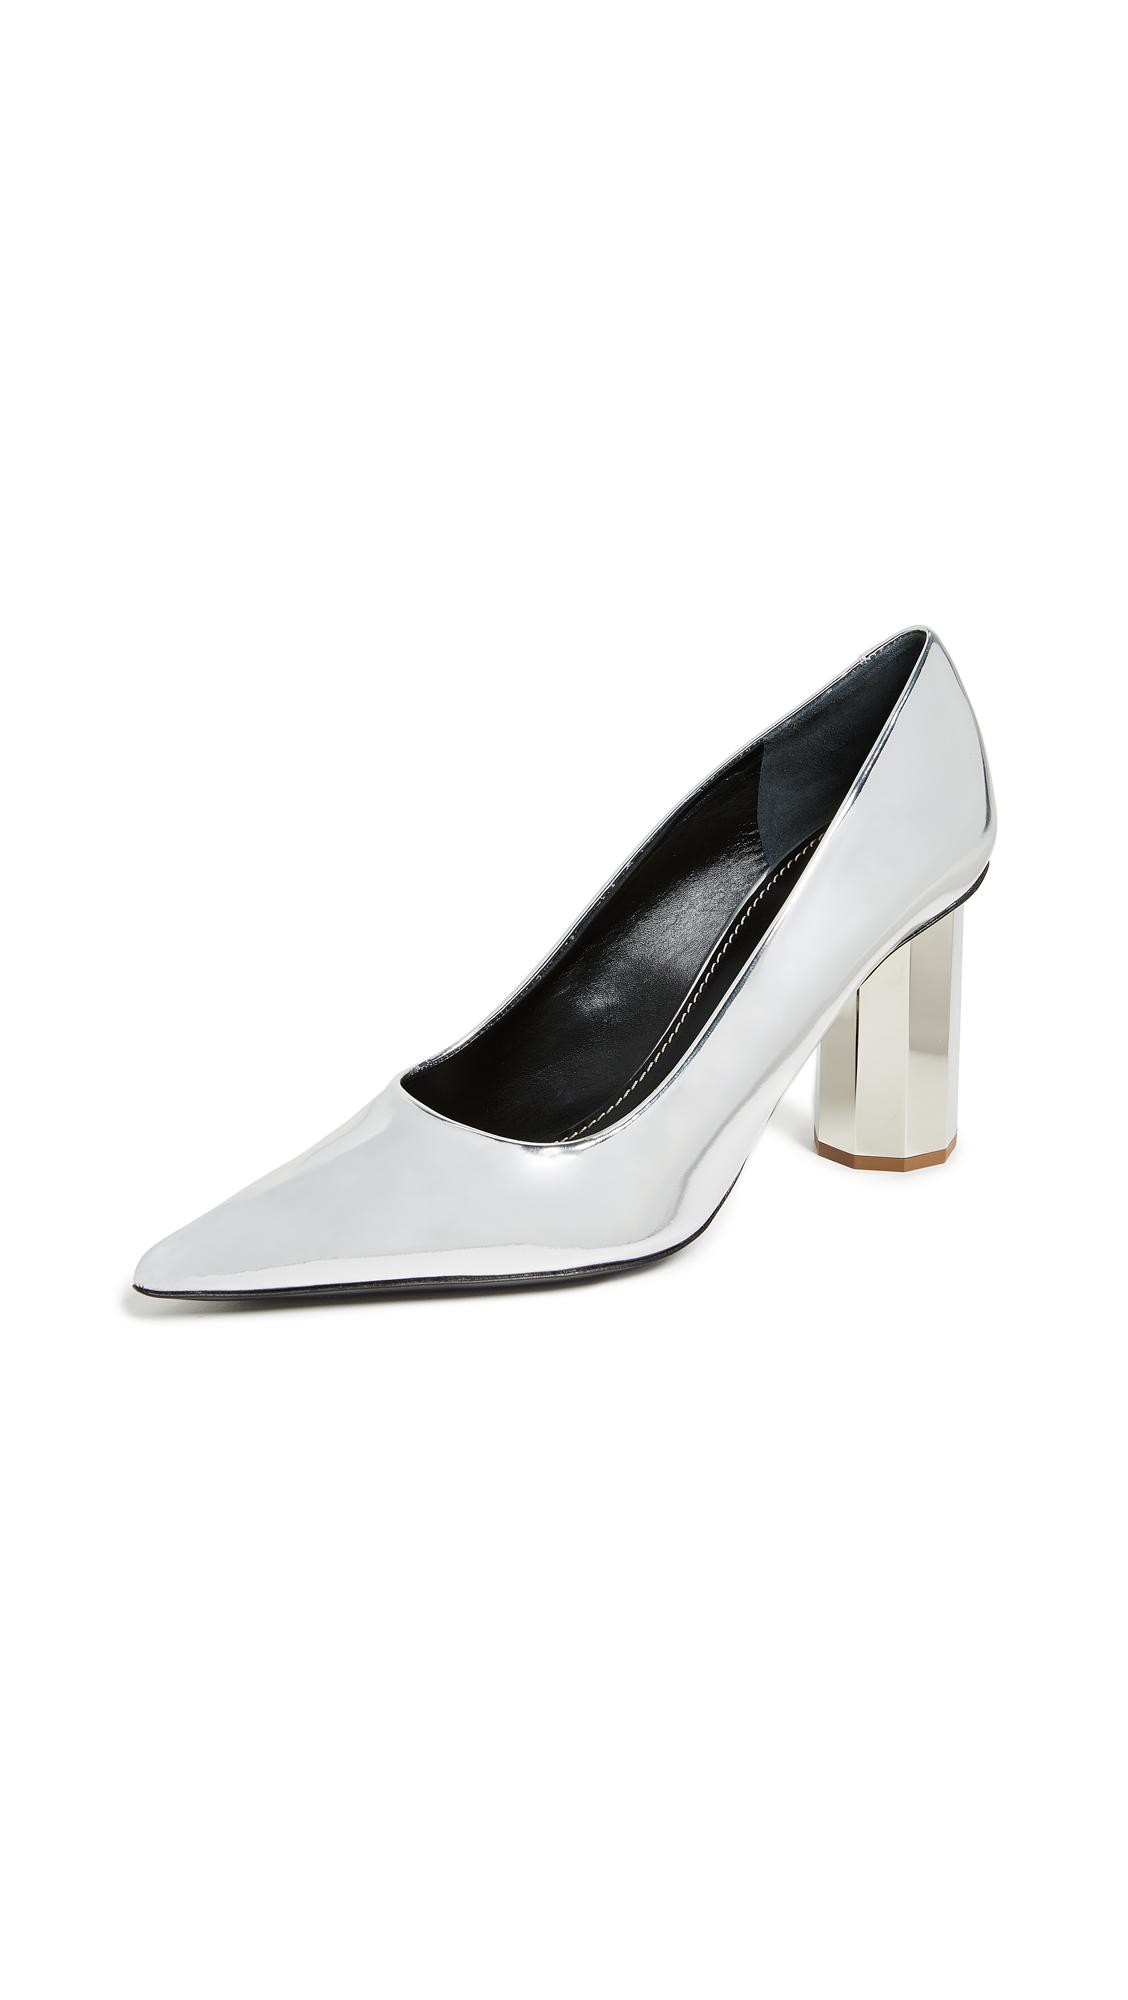 Photo of Proenza Schouler Silver Specchio Pumps online shoes sales